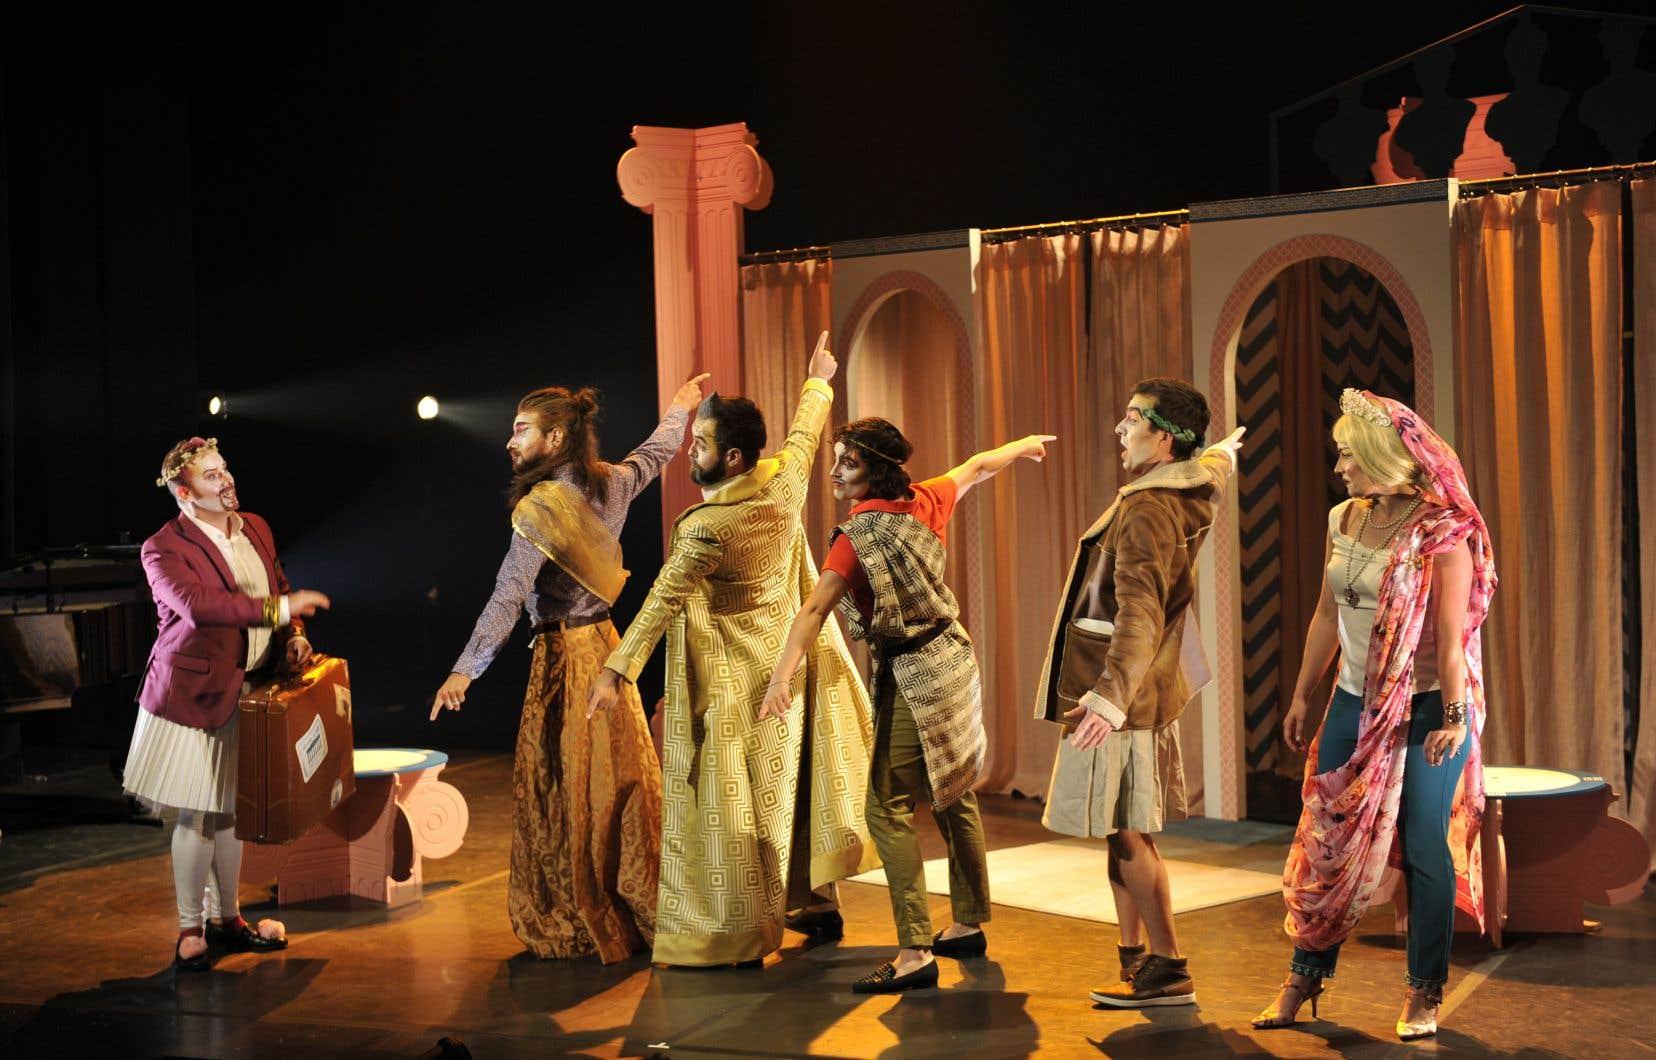 Présenté par le Festival d'opéra de Québec, «Belle Hélène» est un quasi-spectacle de soubassement d'église, qui parvient presque à tourner en ridicule un chef-d'oeuvre, selon notre critique.